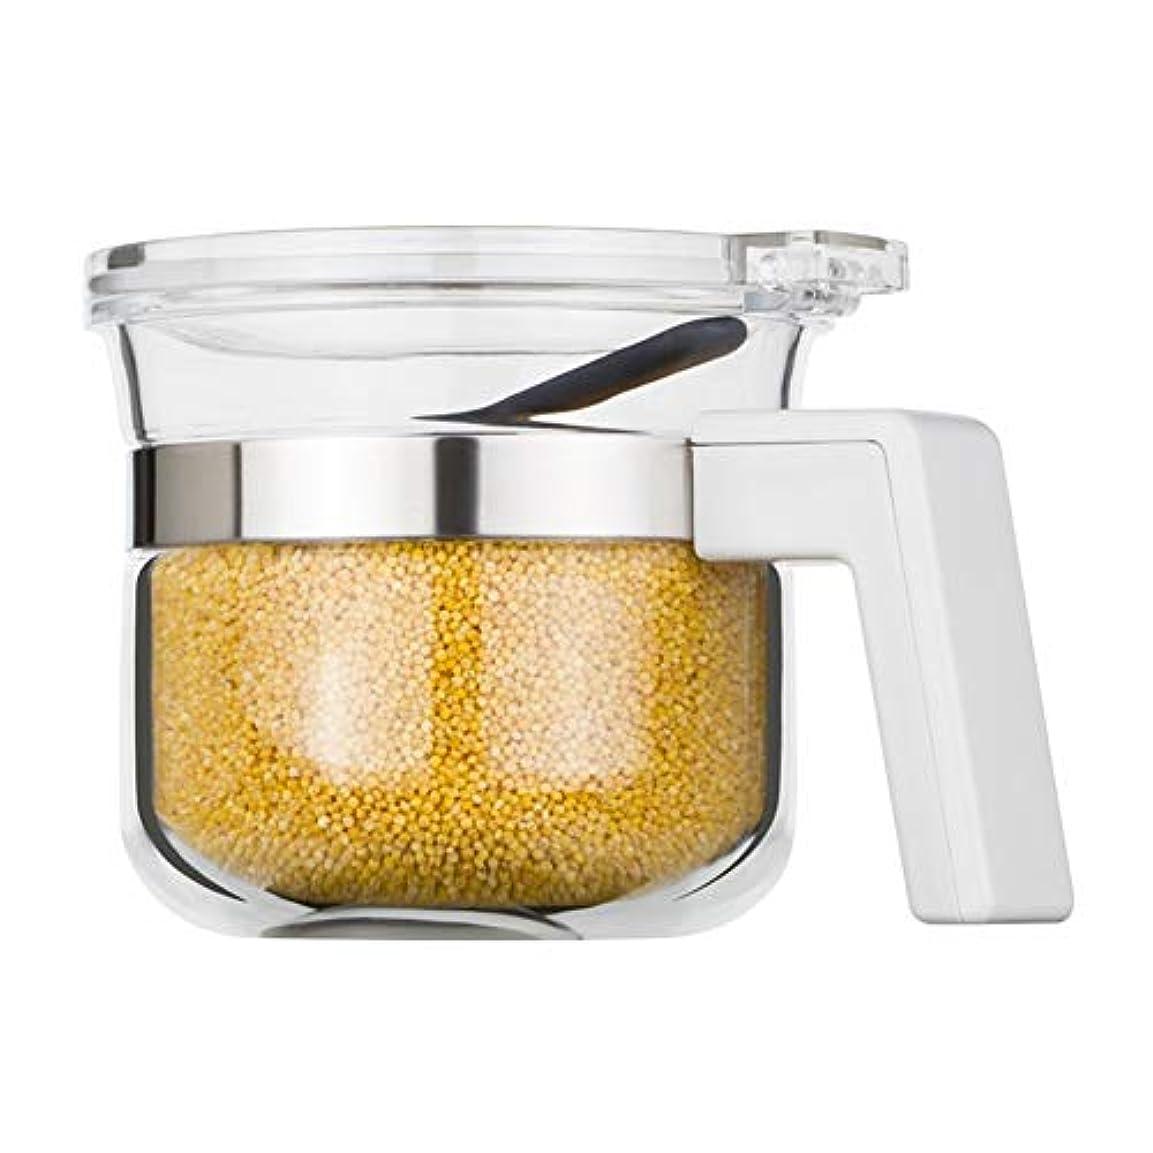 テラス馬鹿げた愛スパイスジャー、密閉された貯蔵タンクキッチン調味料貯蔵(450 ml、9.5 * 9.5 * 10.5 cm)